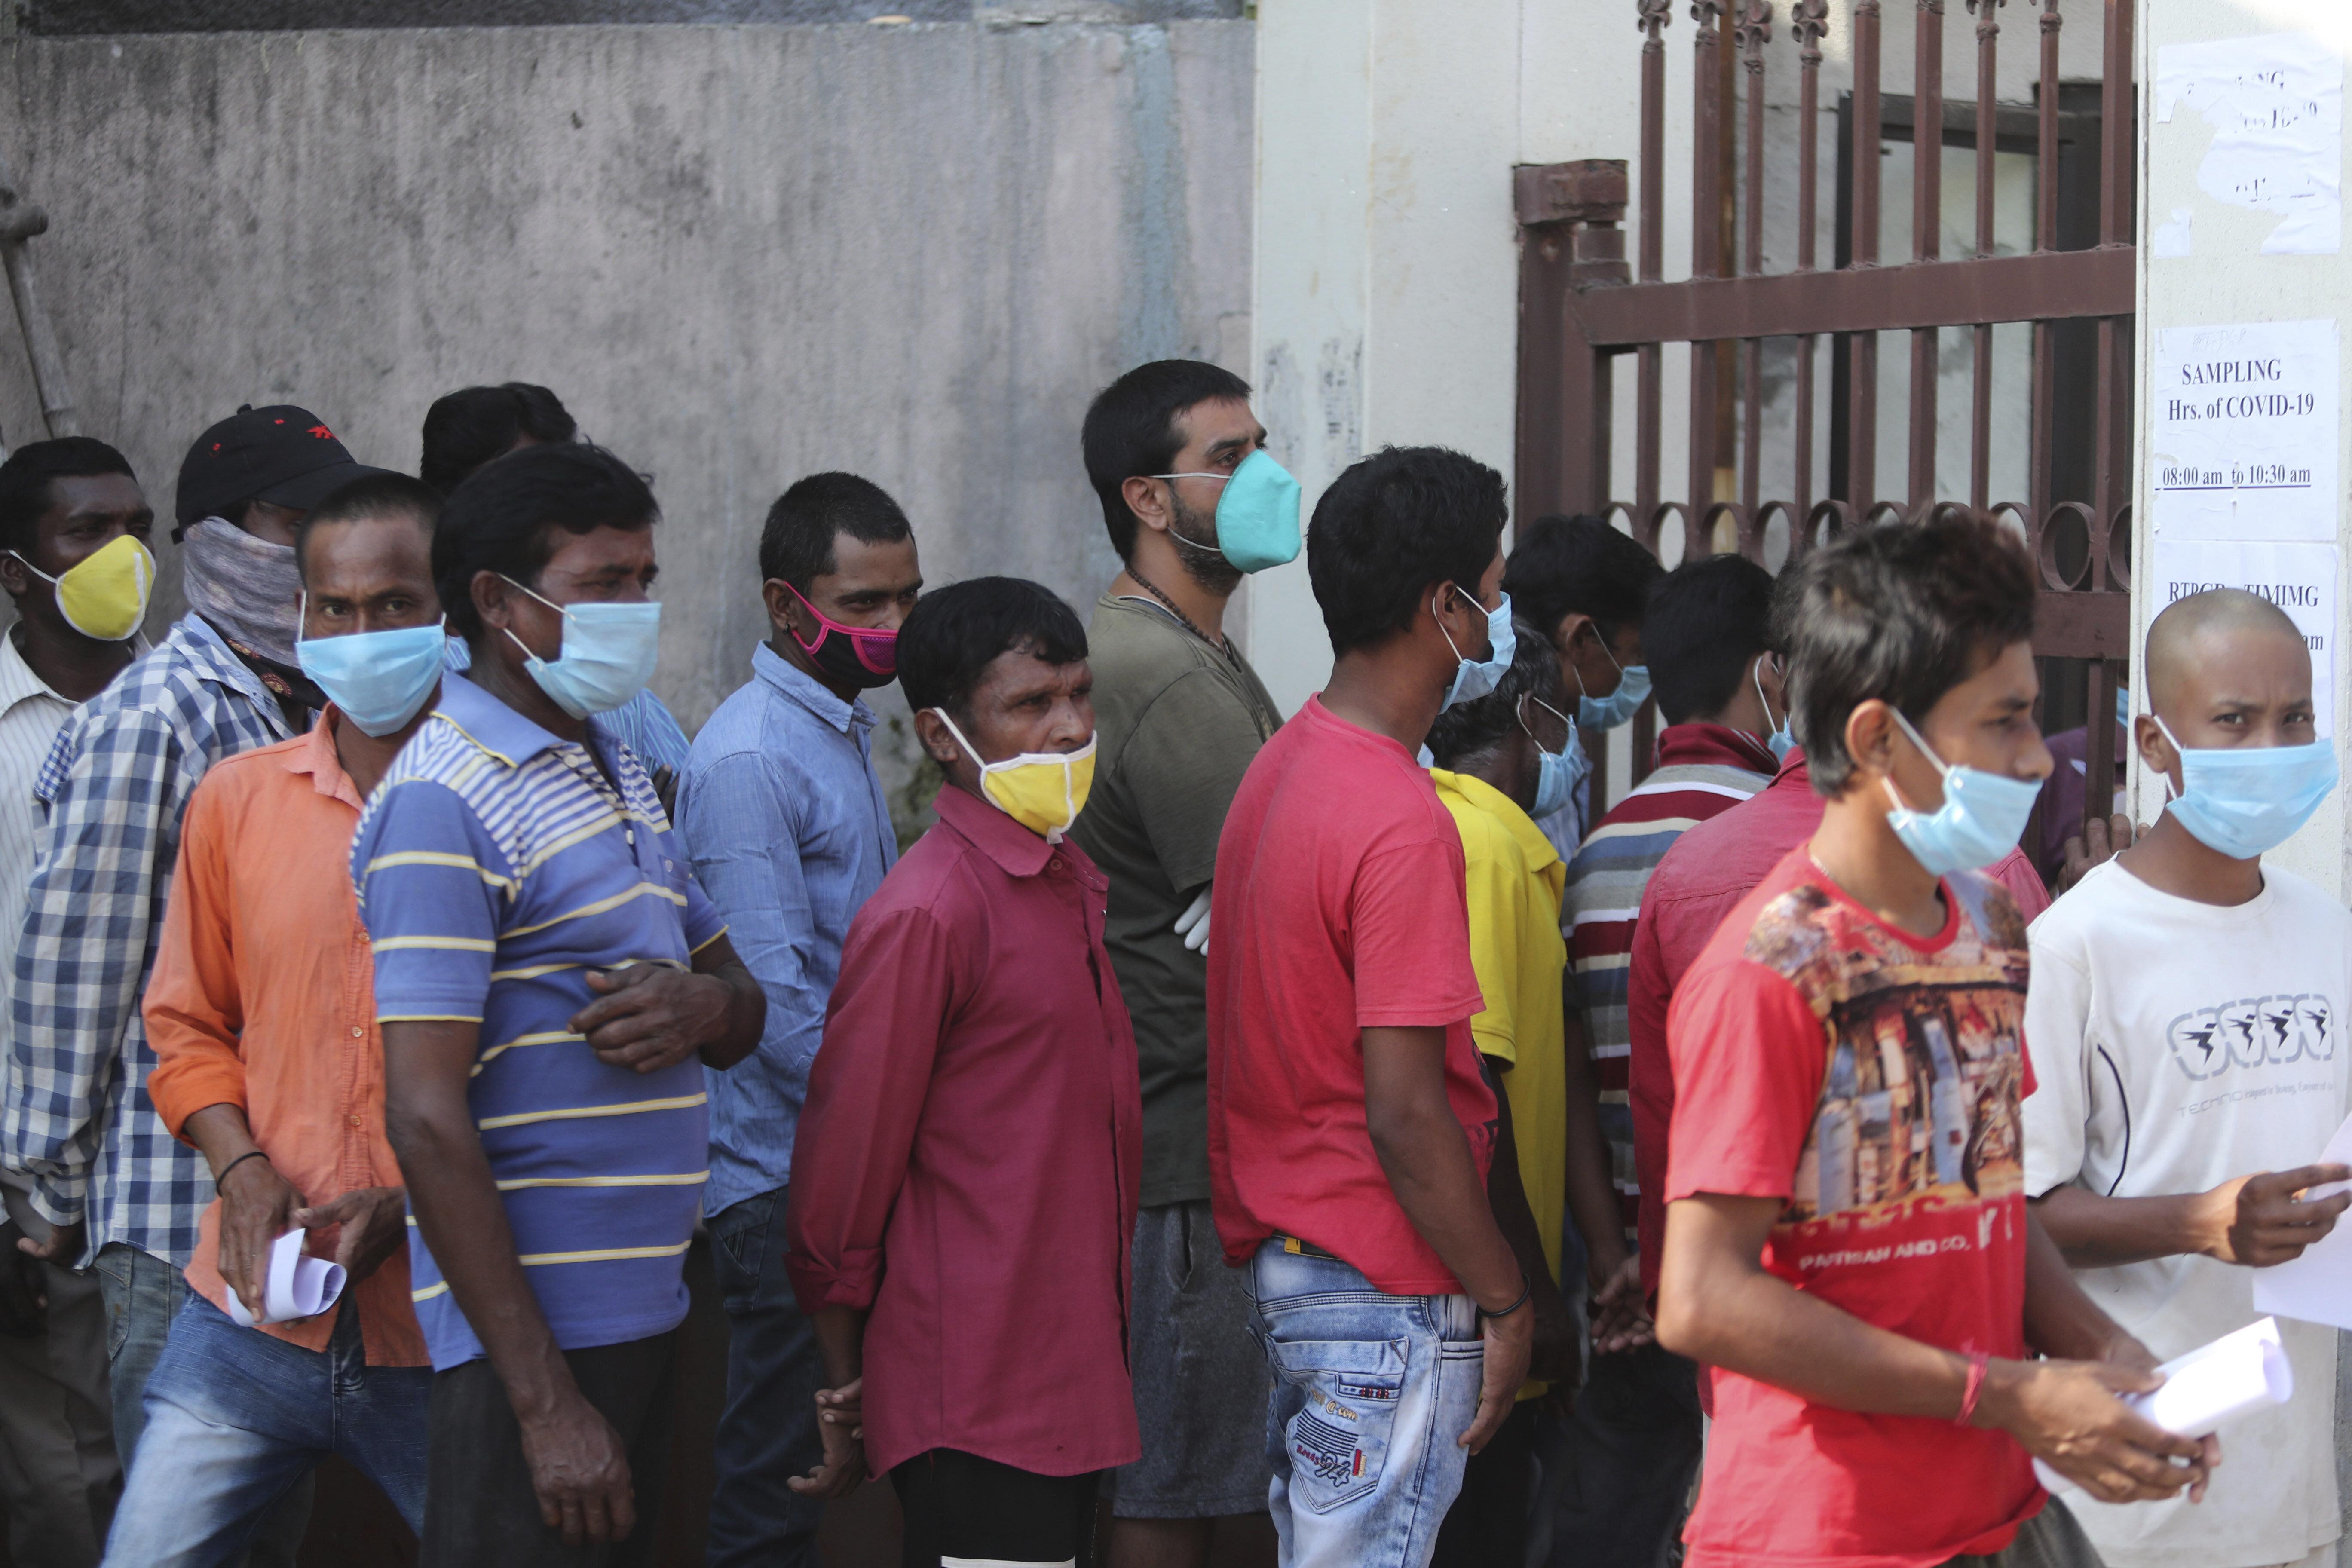 India surpasses 5 million coronavirus cases, 82,066 deaths